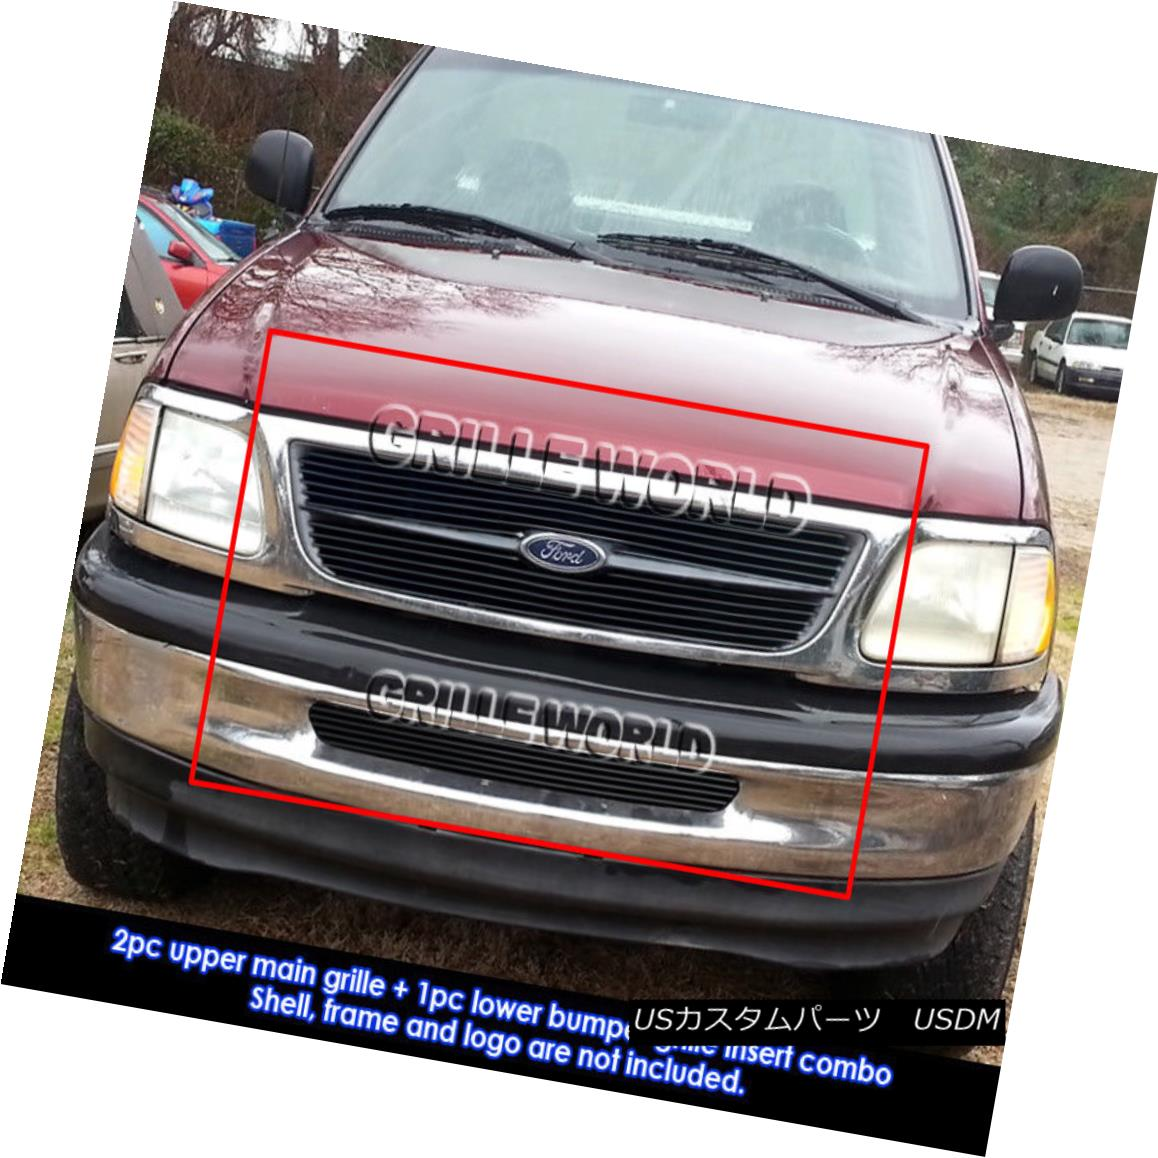 グリル For 1997-1998 Ford Expedition/ F-150 Bar Style 2WD Black Billet Grill Combo 1997-1998 Ford Expedition / F-150バースタイル2WDブラックビレットグリルコンボ用